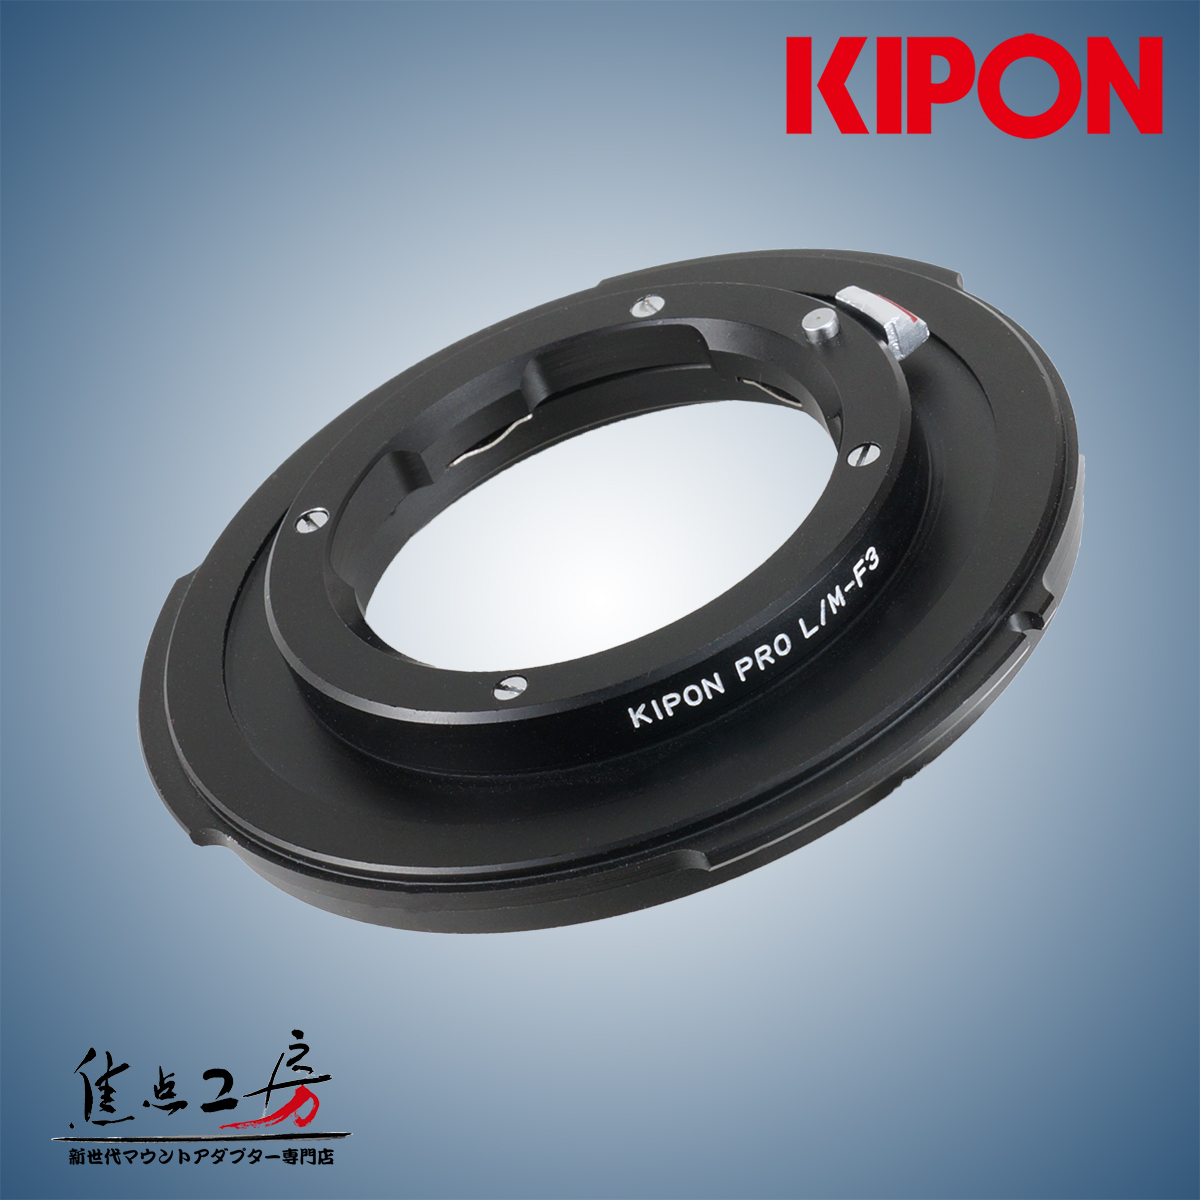 KIPON L/M-FZ (L/M-F3) SONY(ソニー)FZマウントデジタルシネマカムコーダー用 - ライカMマウント